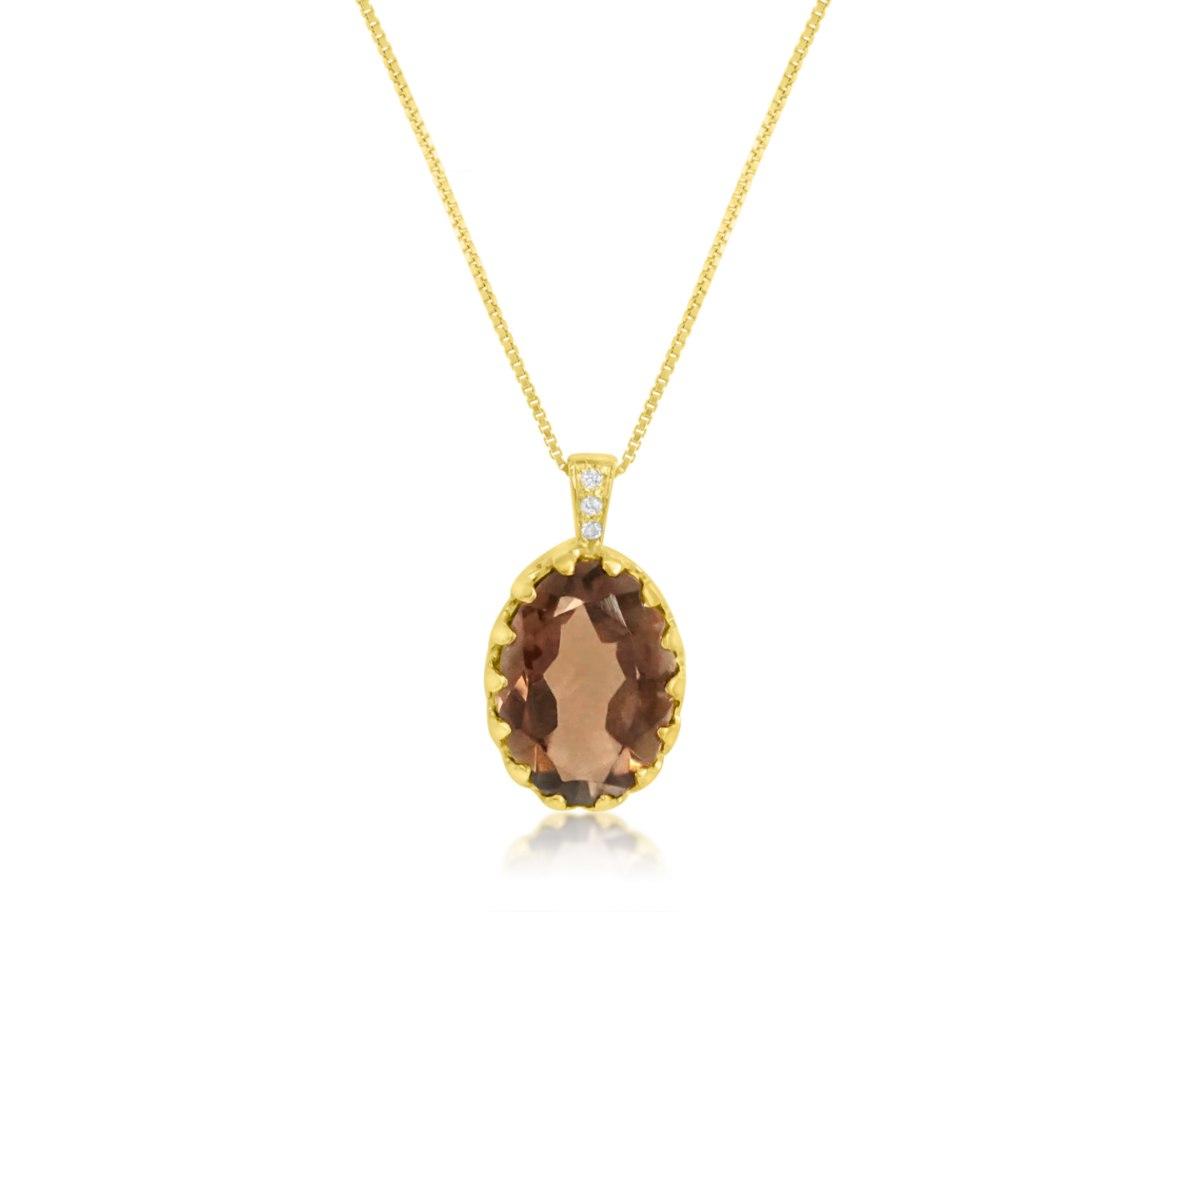 שרשרת זהב לאישה עם תליון אבן חן ויהלומים